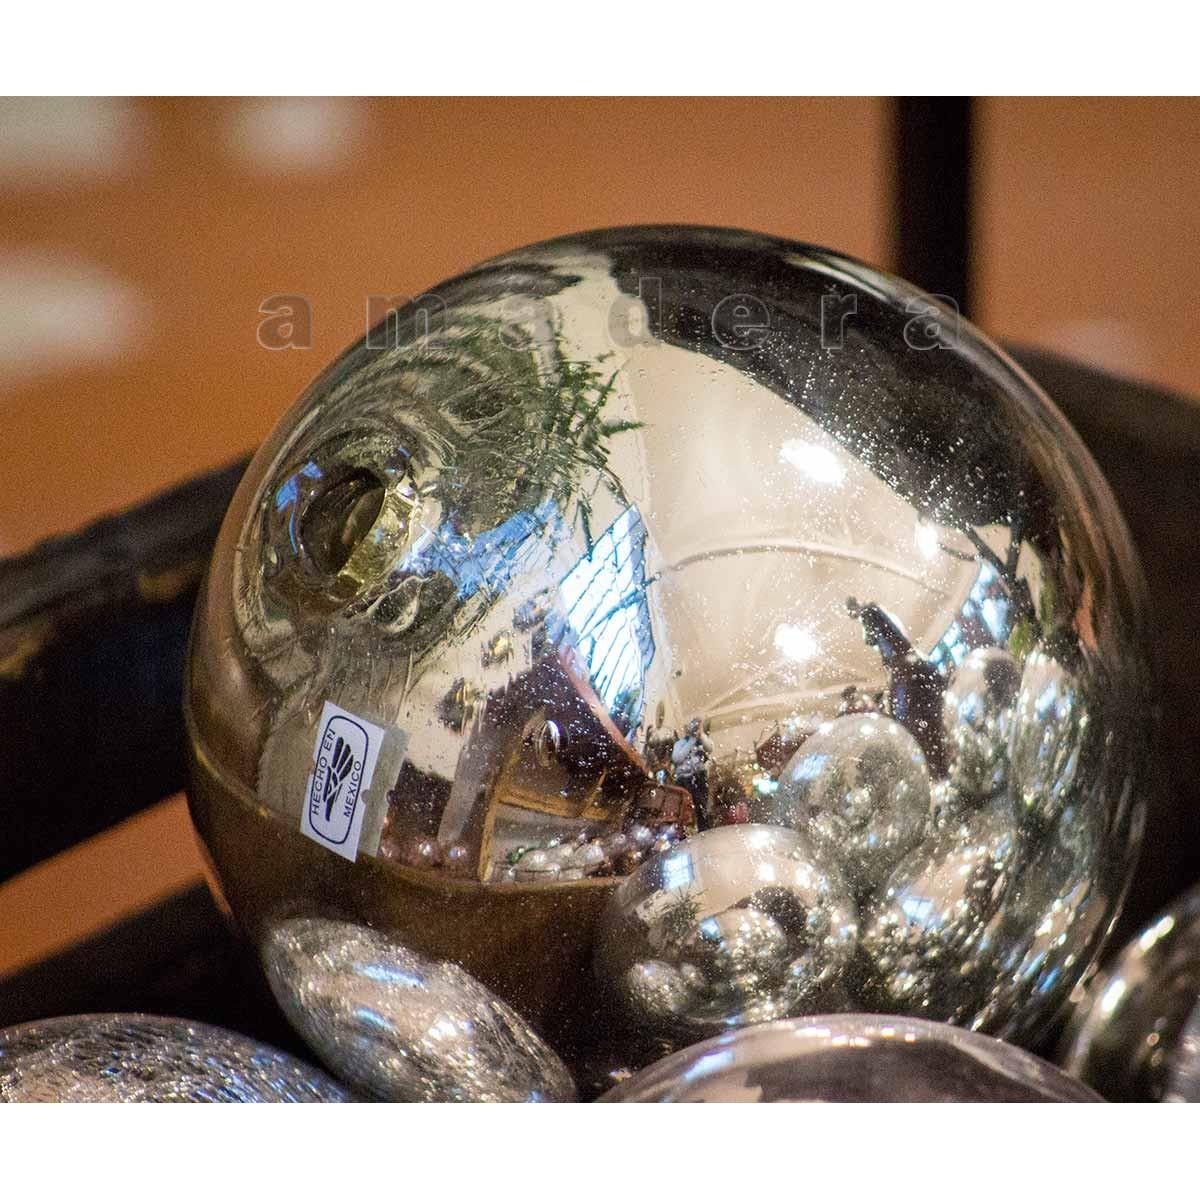 Grosses boules en verre souffl pour dcorer votre jardin et maison